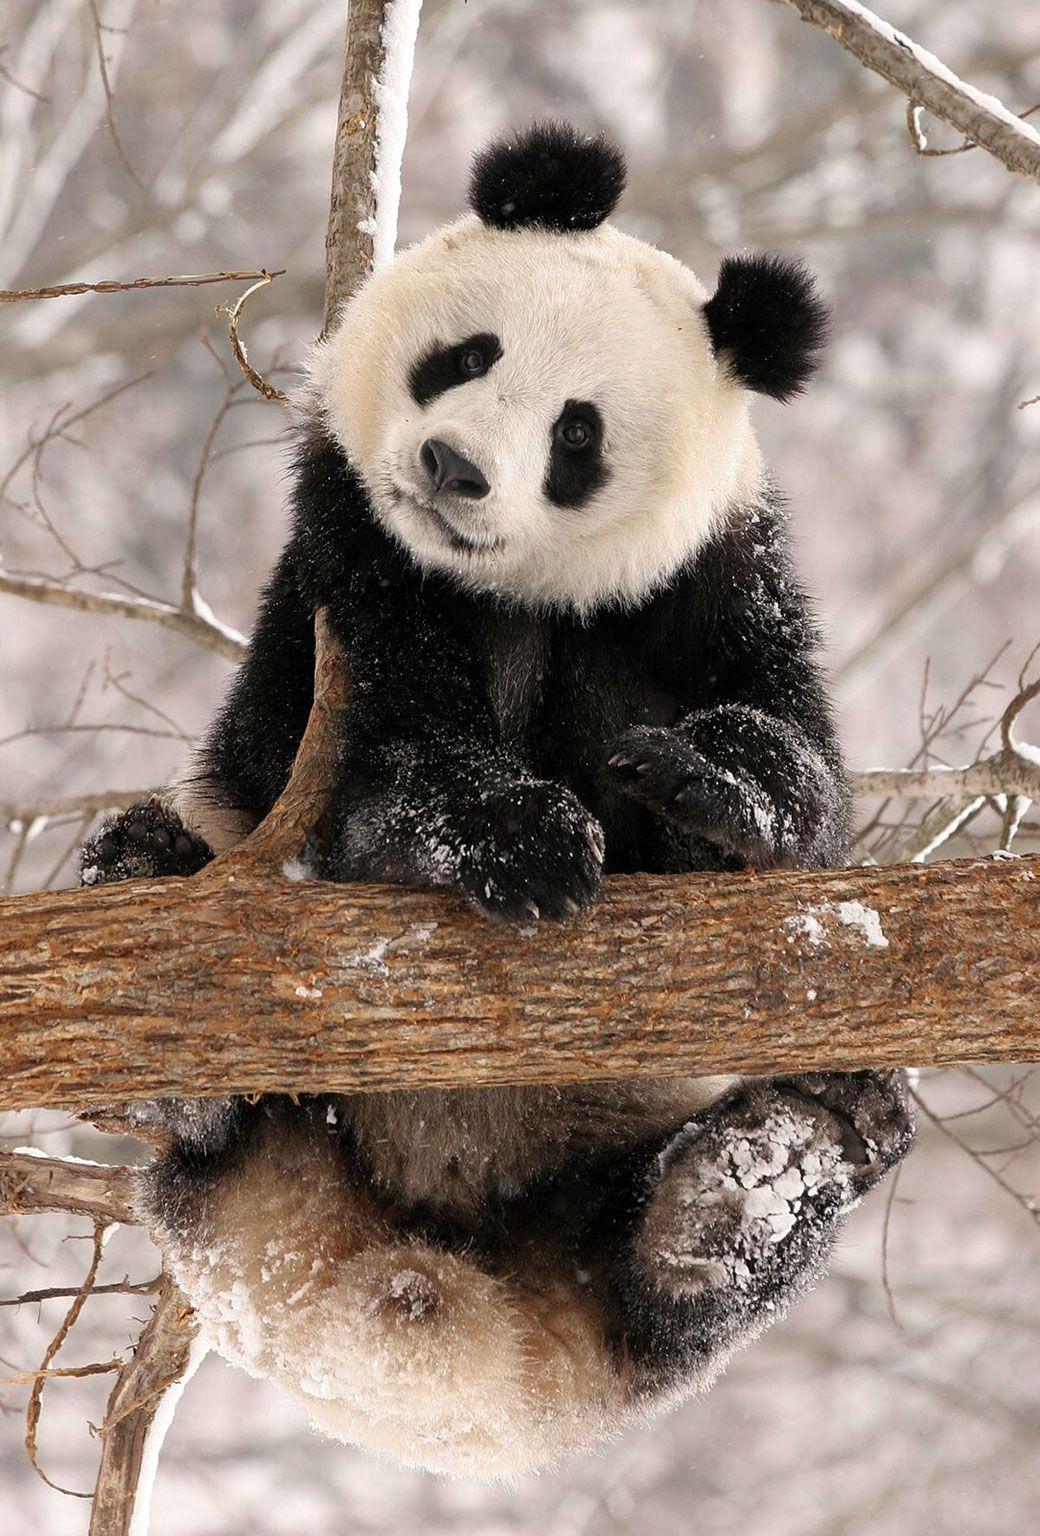 Epingle Par Zuber Sylvia Sur Pandas Animaux Mignons Animaux Sauvages Bebes Animaux